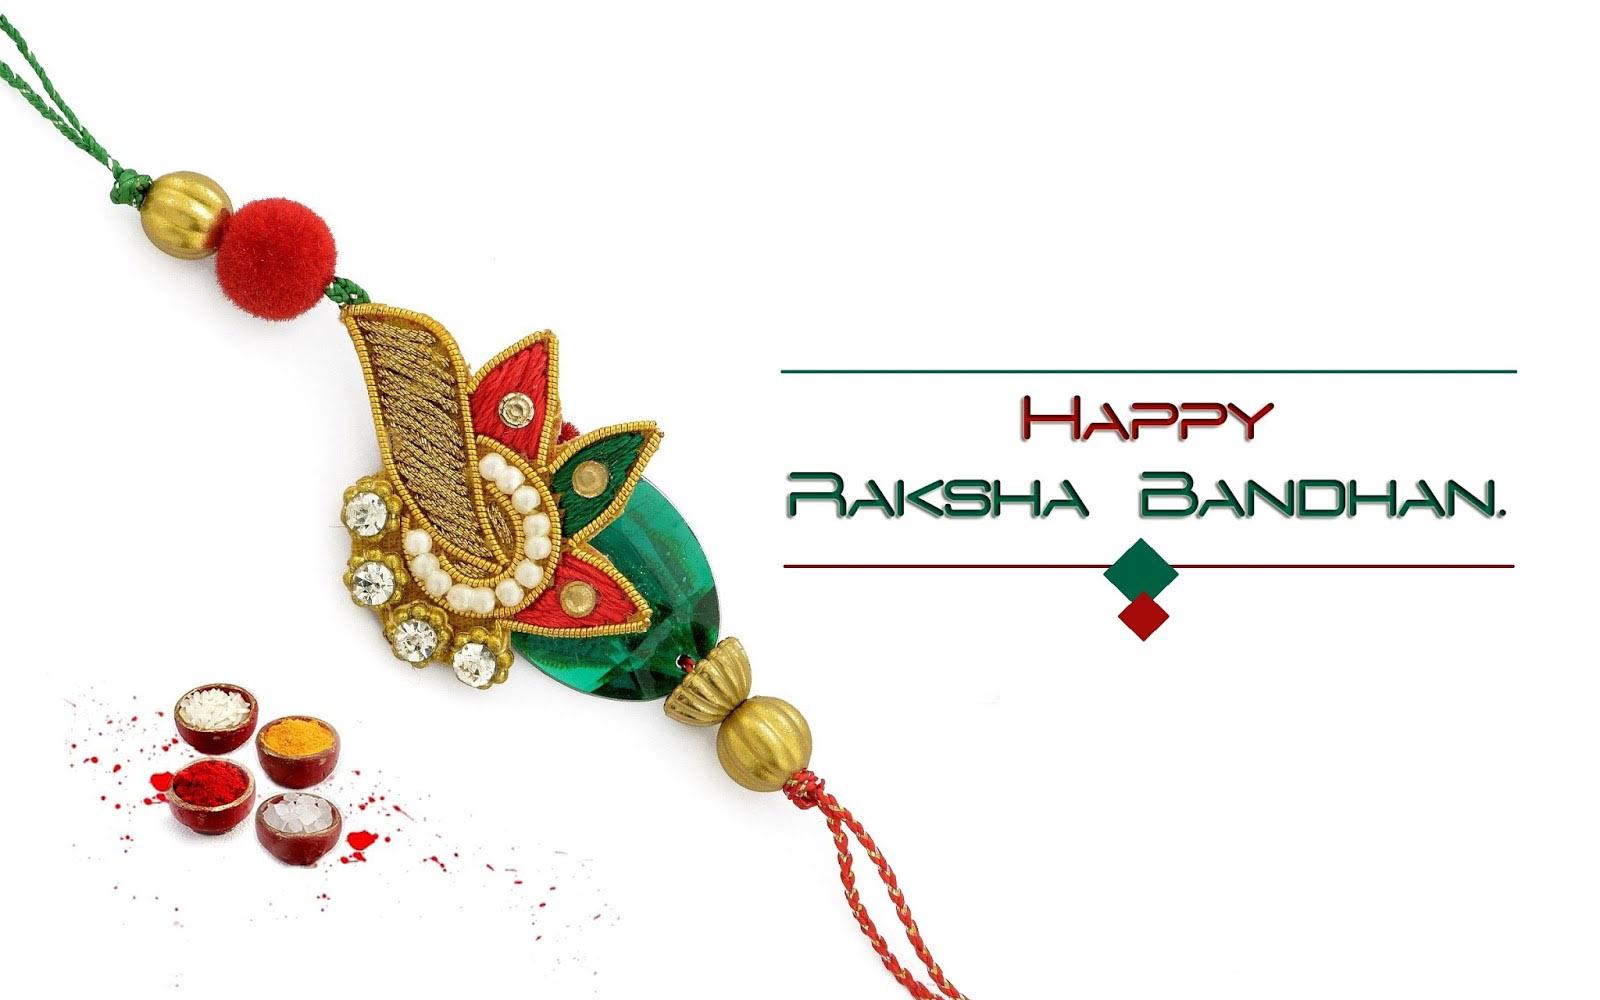 Mohan Name 3d Wallpapers Hd Wallpapers Hdwallpapers Org In Happy Raksha Bandhan